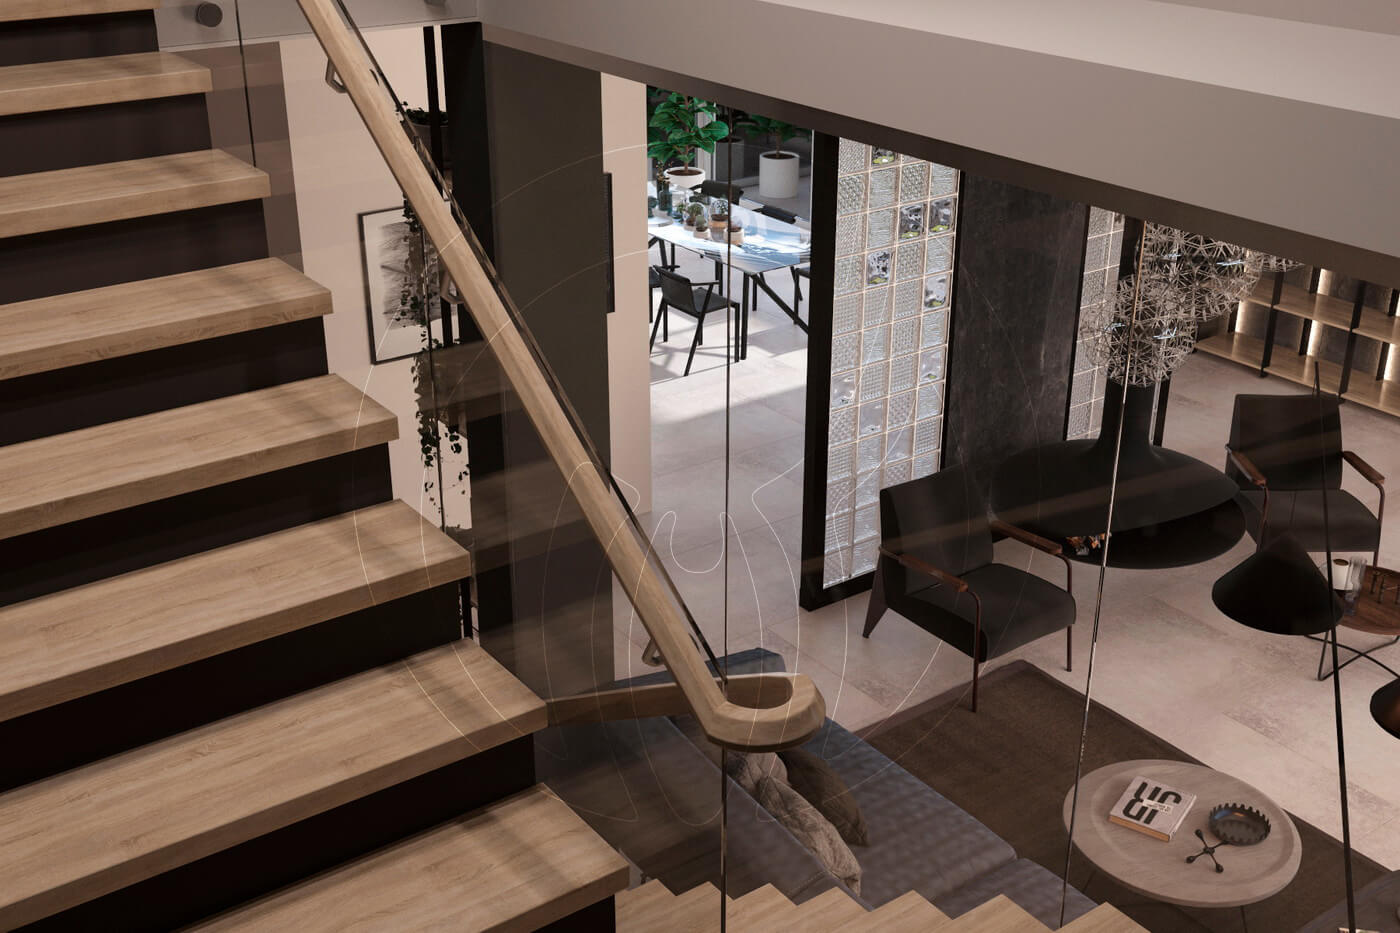 Загородный дом в современном стиле. Гостиная. Лестница